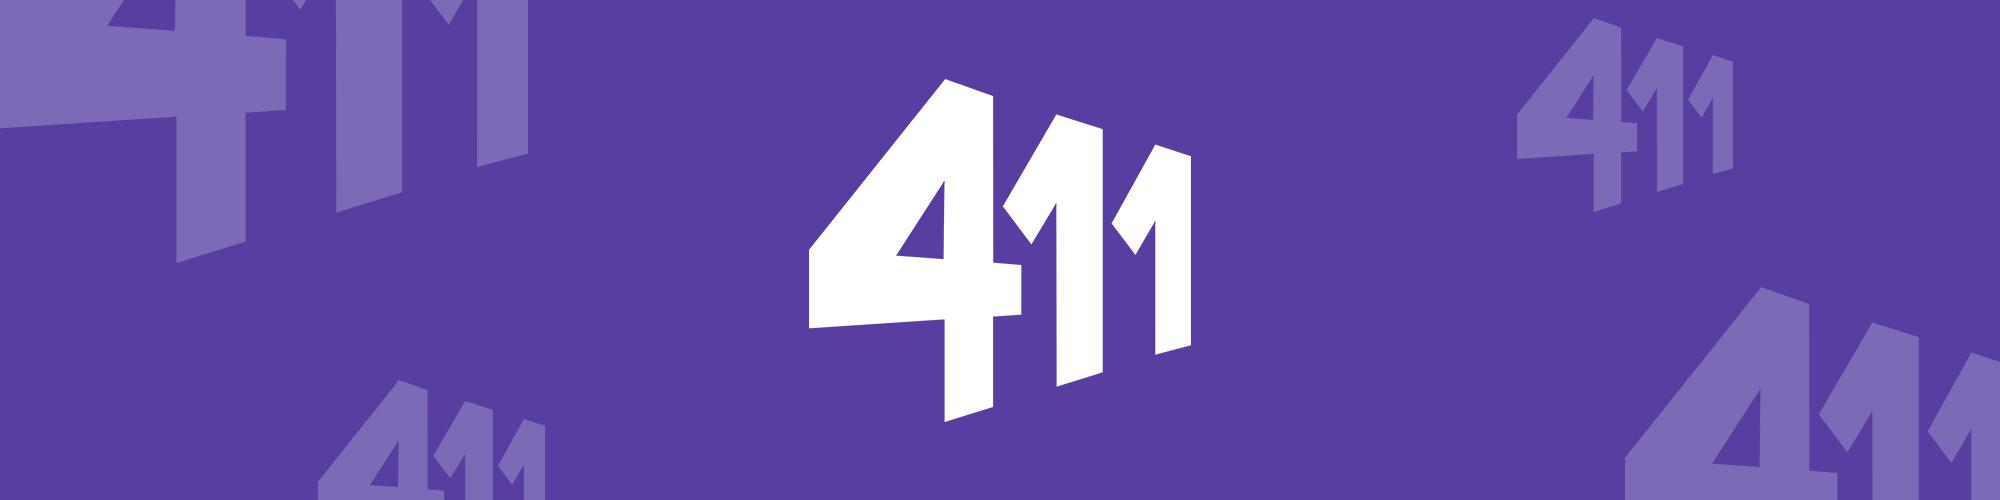 411.jpg